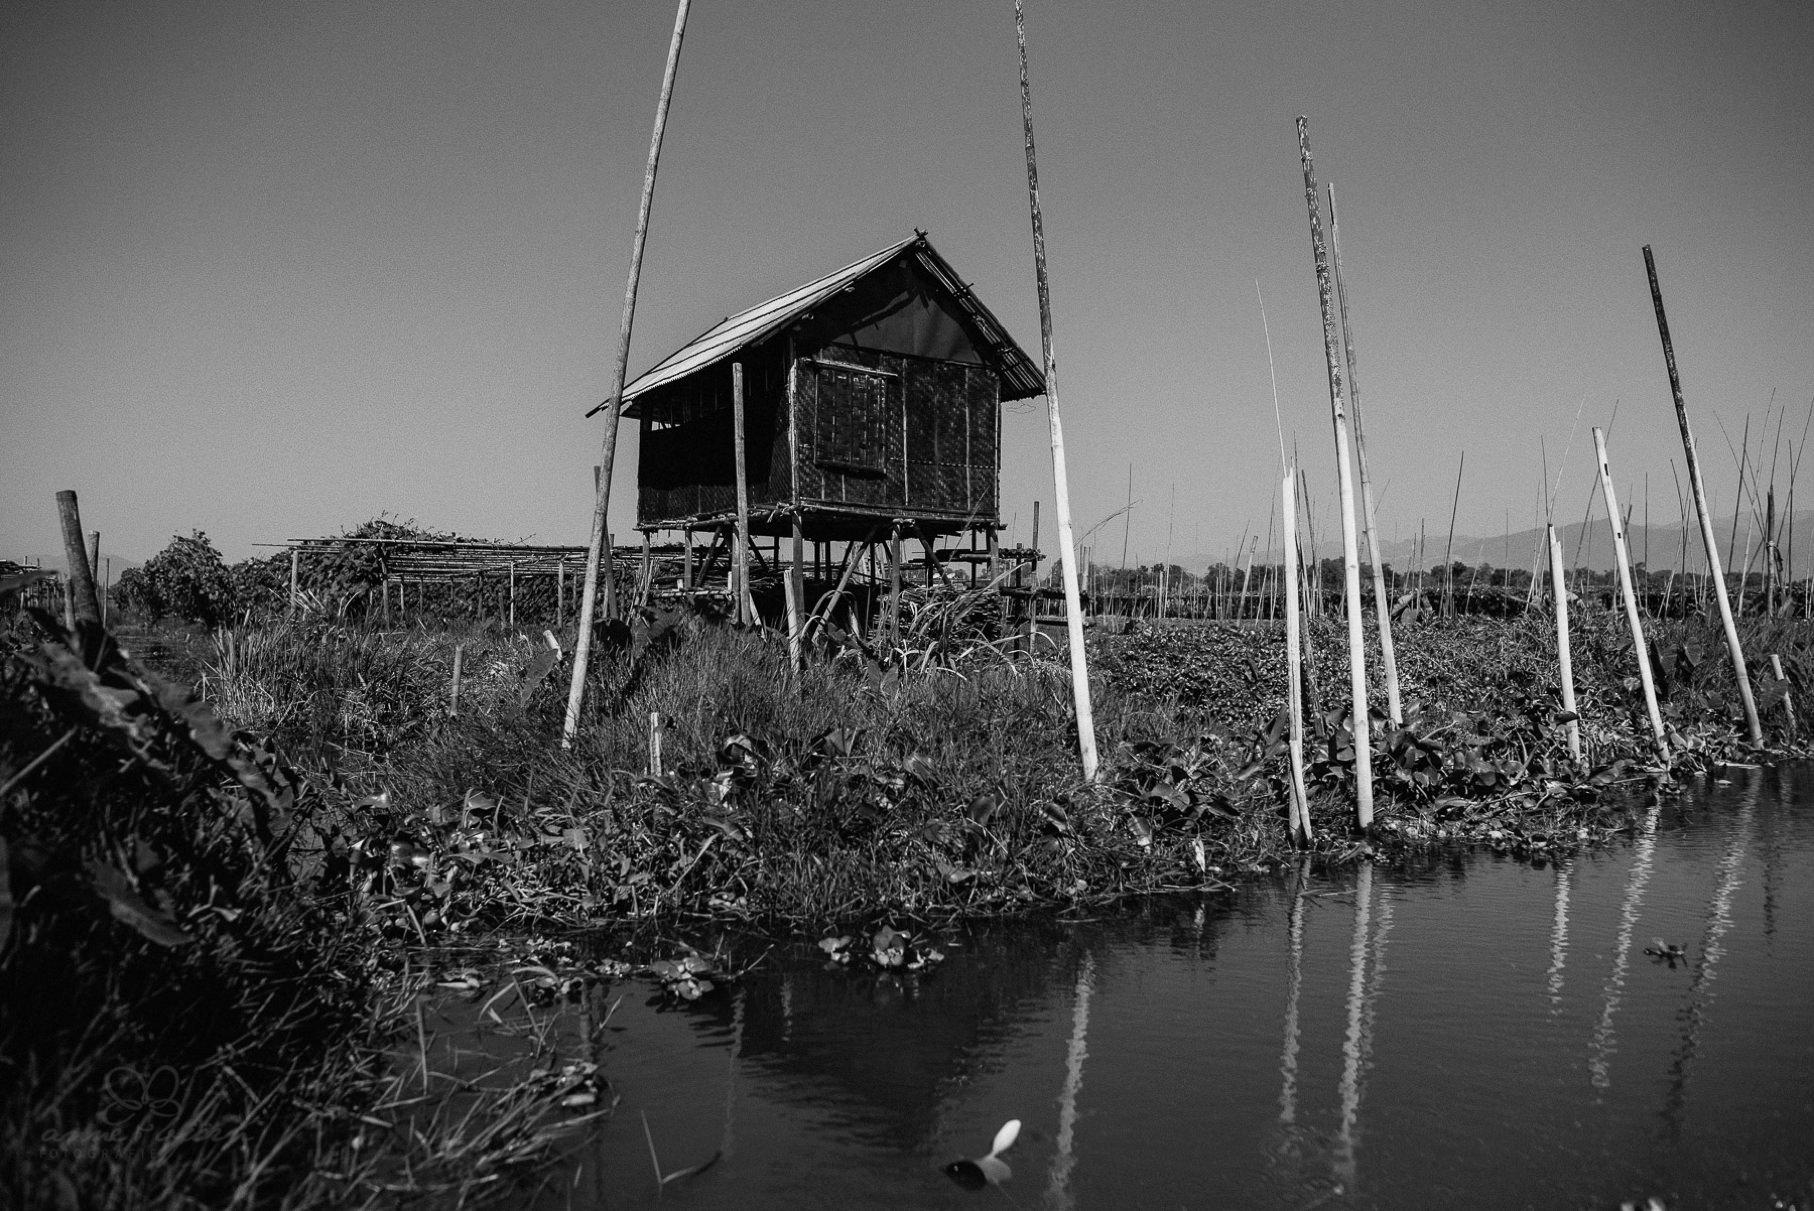 0055 inle lake trekking d76 6111 - Trekking von Kalaw zum Inle-See - Myanmar / Burma